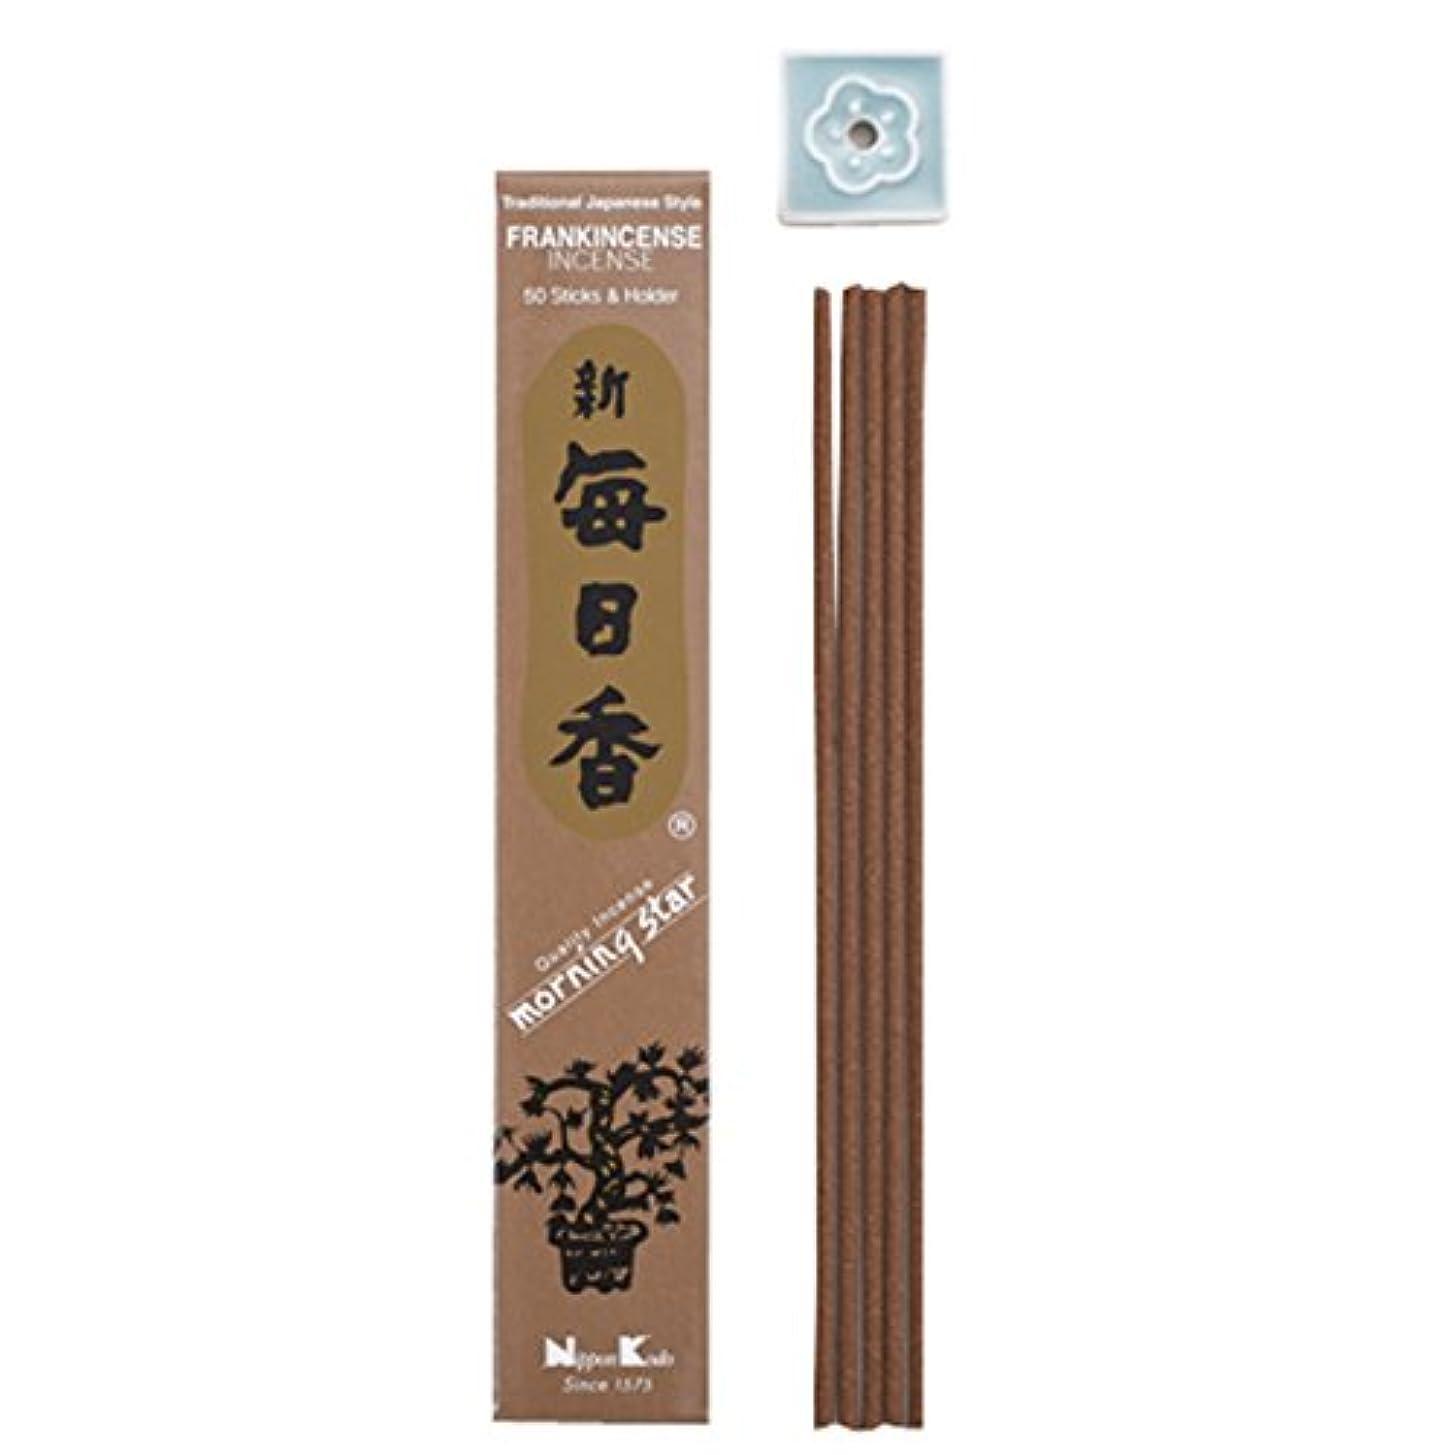 気分が悪いニッケル復活するMorning Star Japanese Incense Sticks Frankincense 50 Sticks &ホルダー'